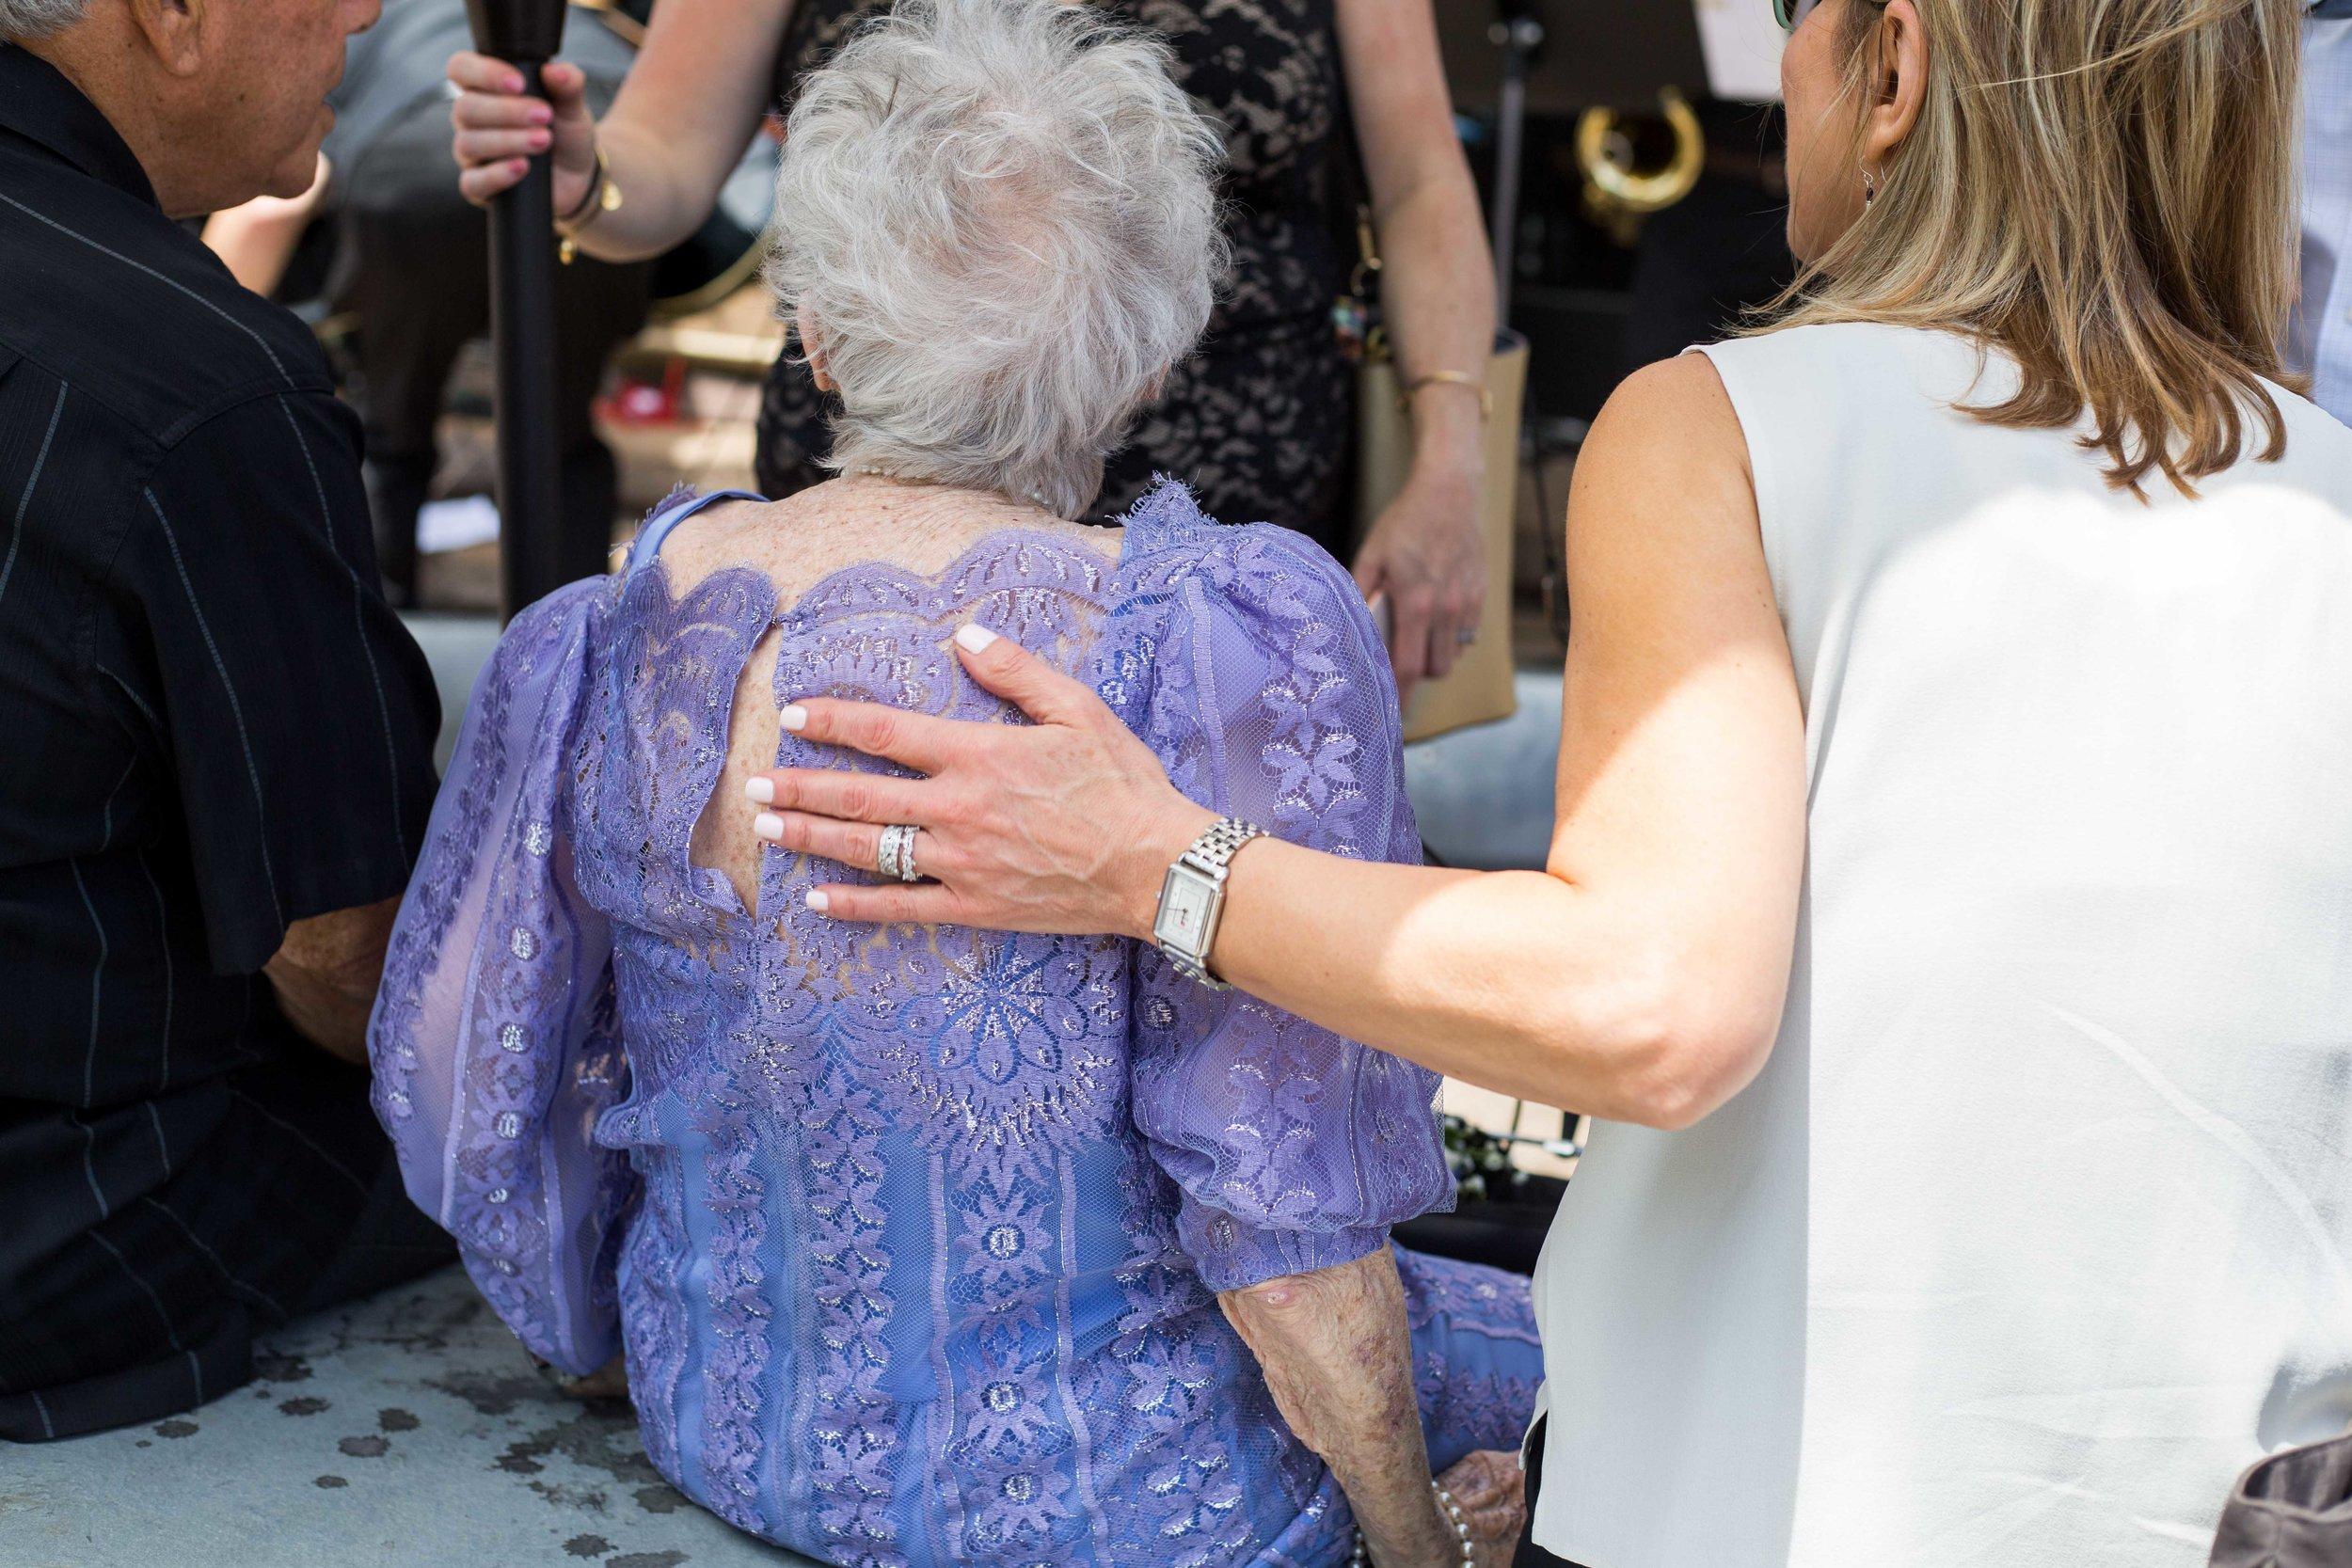 McLoones Boathouse West Orange NJ 100th Birthday Party Event Photos-12.jpg